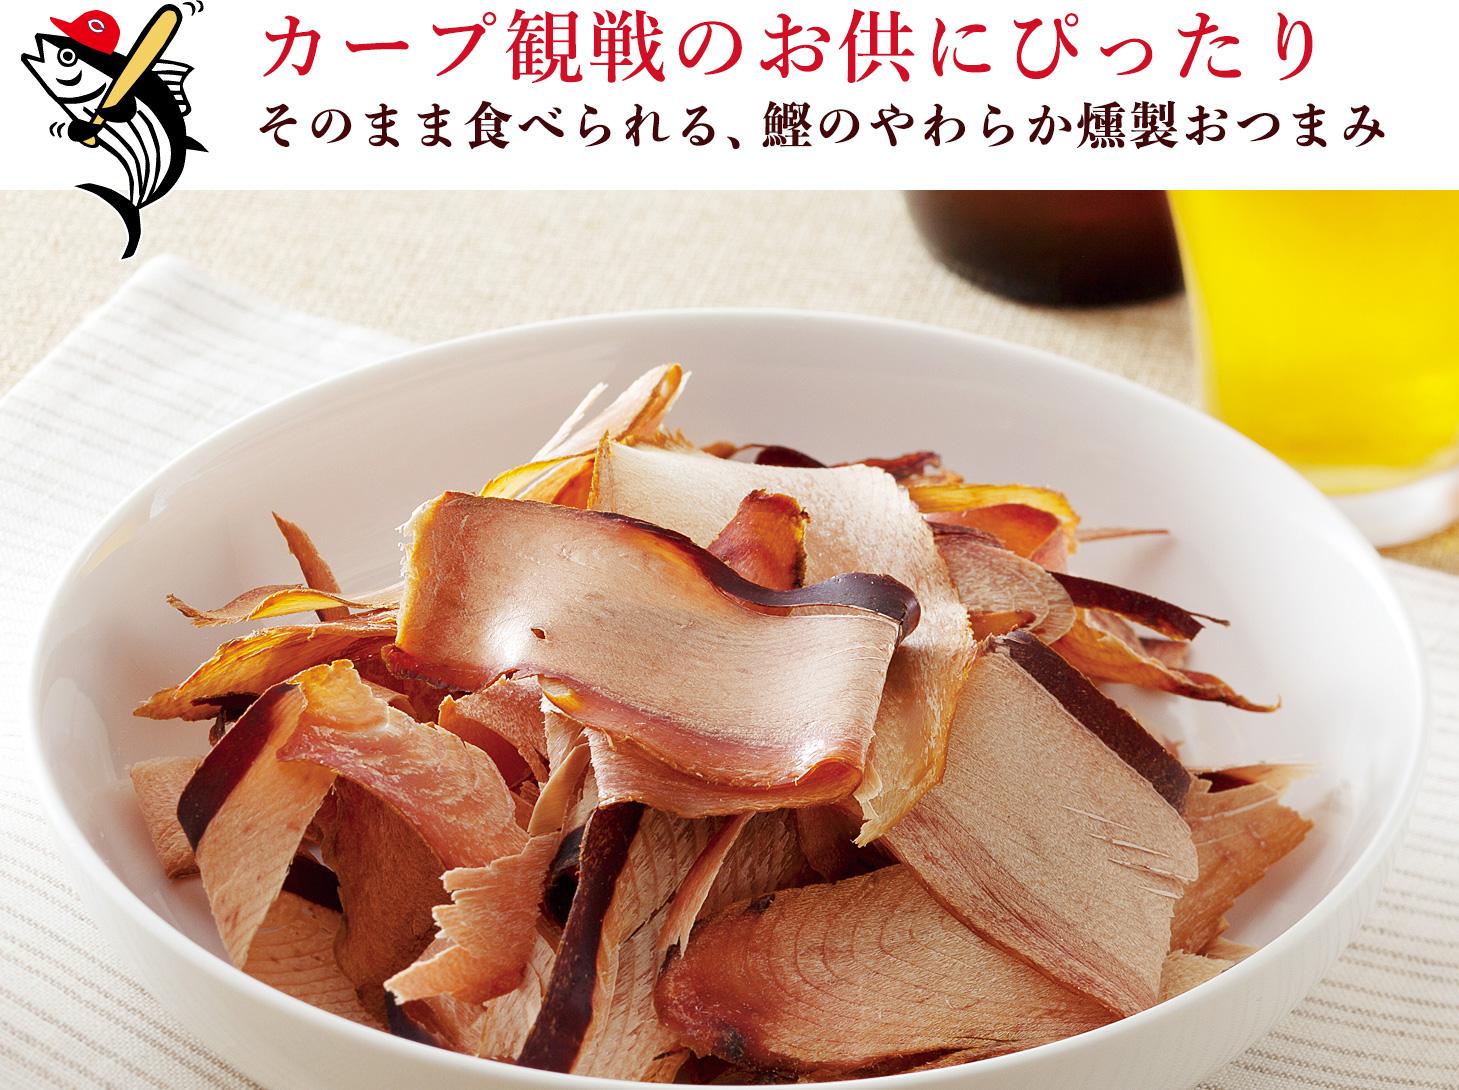 そのまま食べられる、鰹のやわらか燻製おつまみ